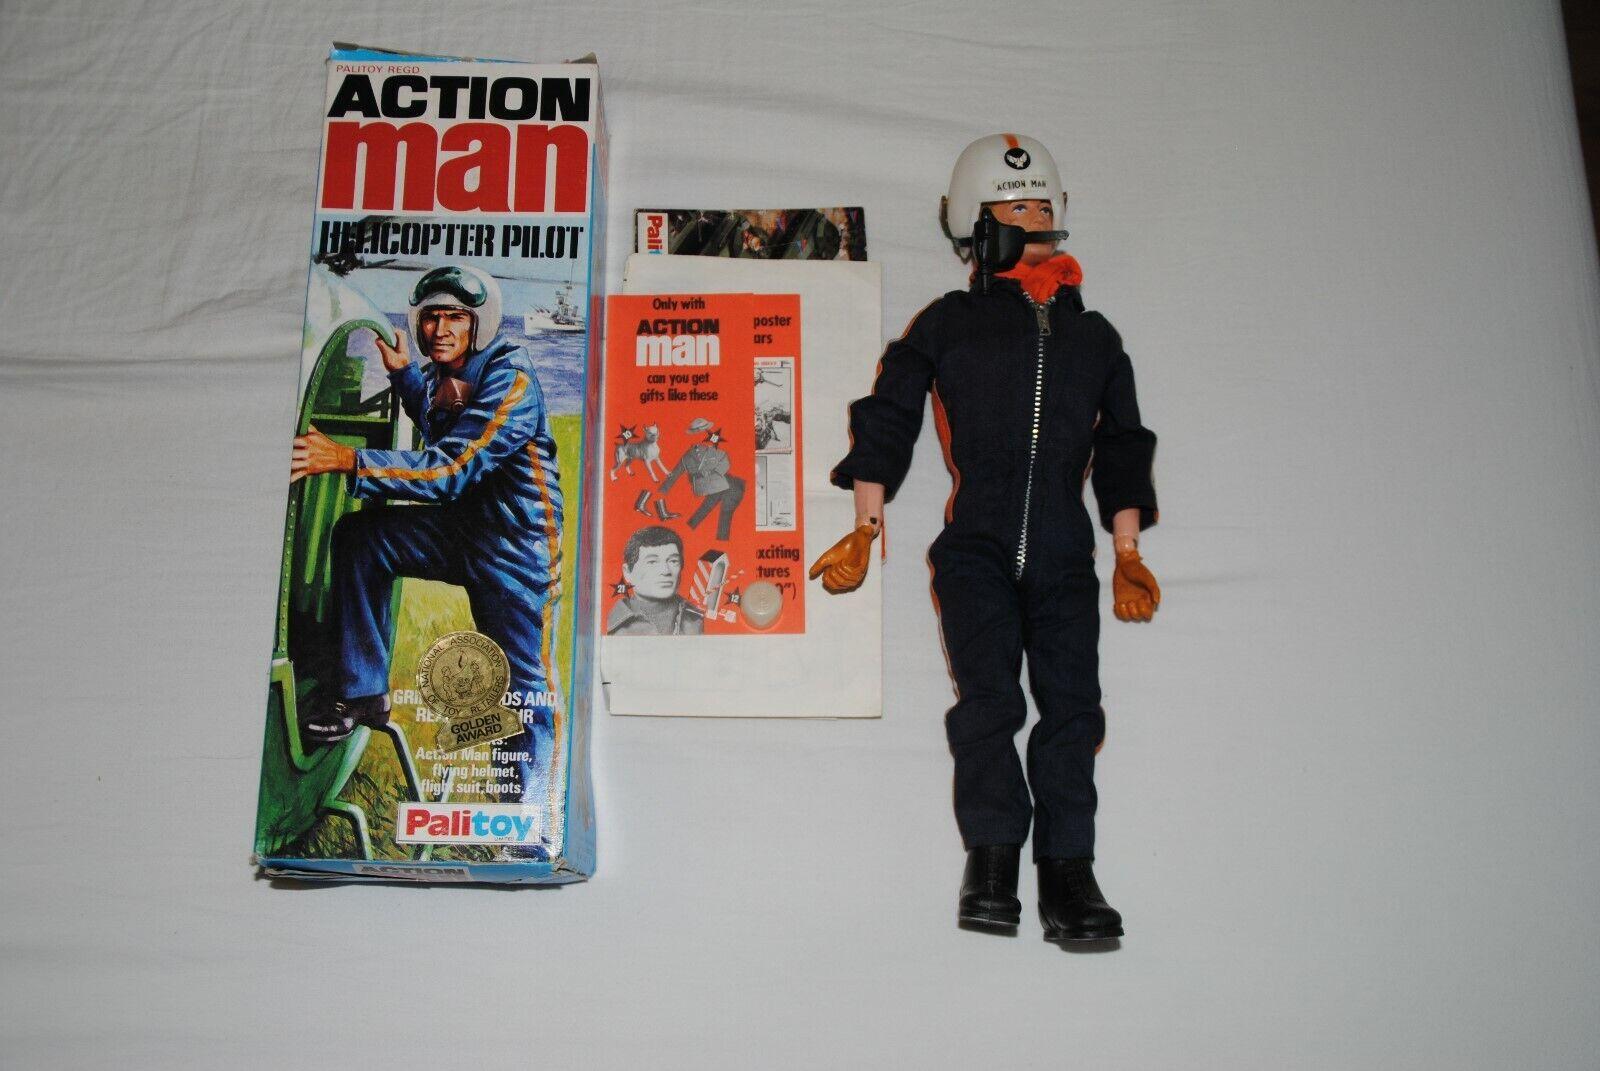 ACTION  homme palitoy GI JOE 1973    HELICOPTER PILOT     FIGURE  -BOXED  2  réductions et plus